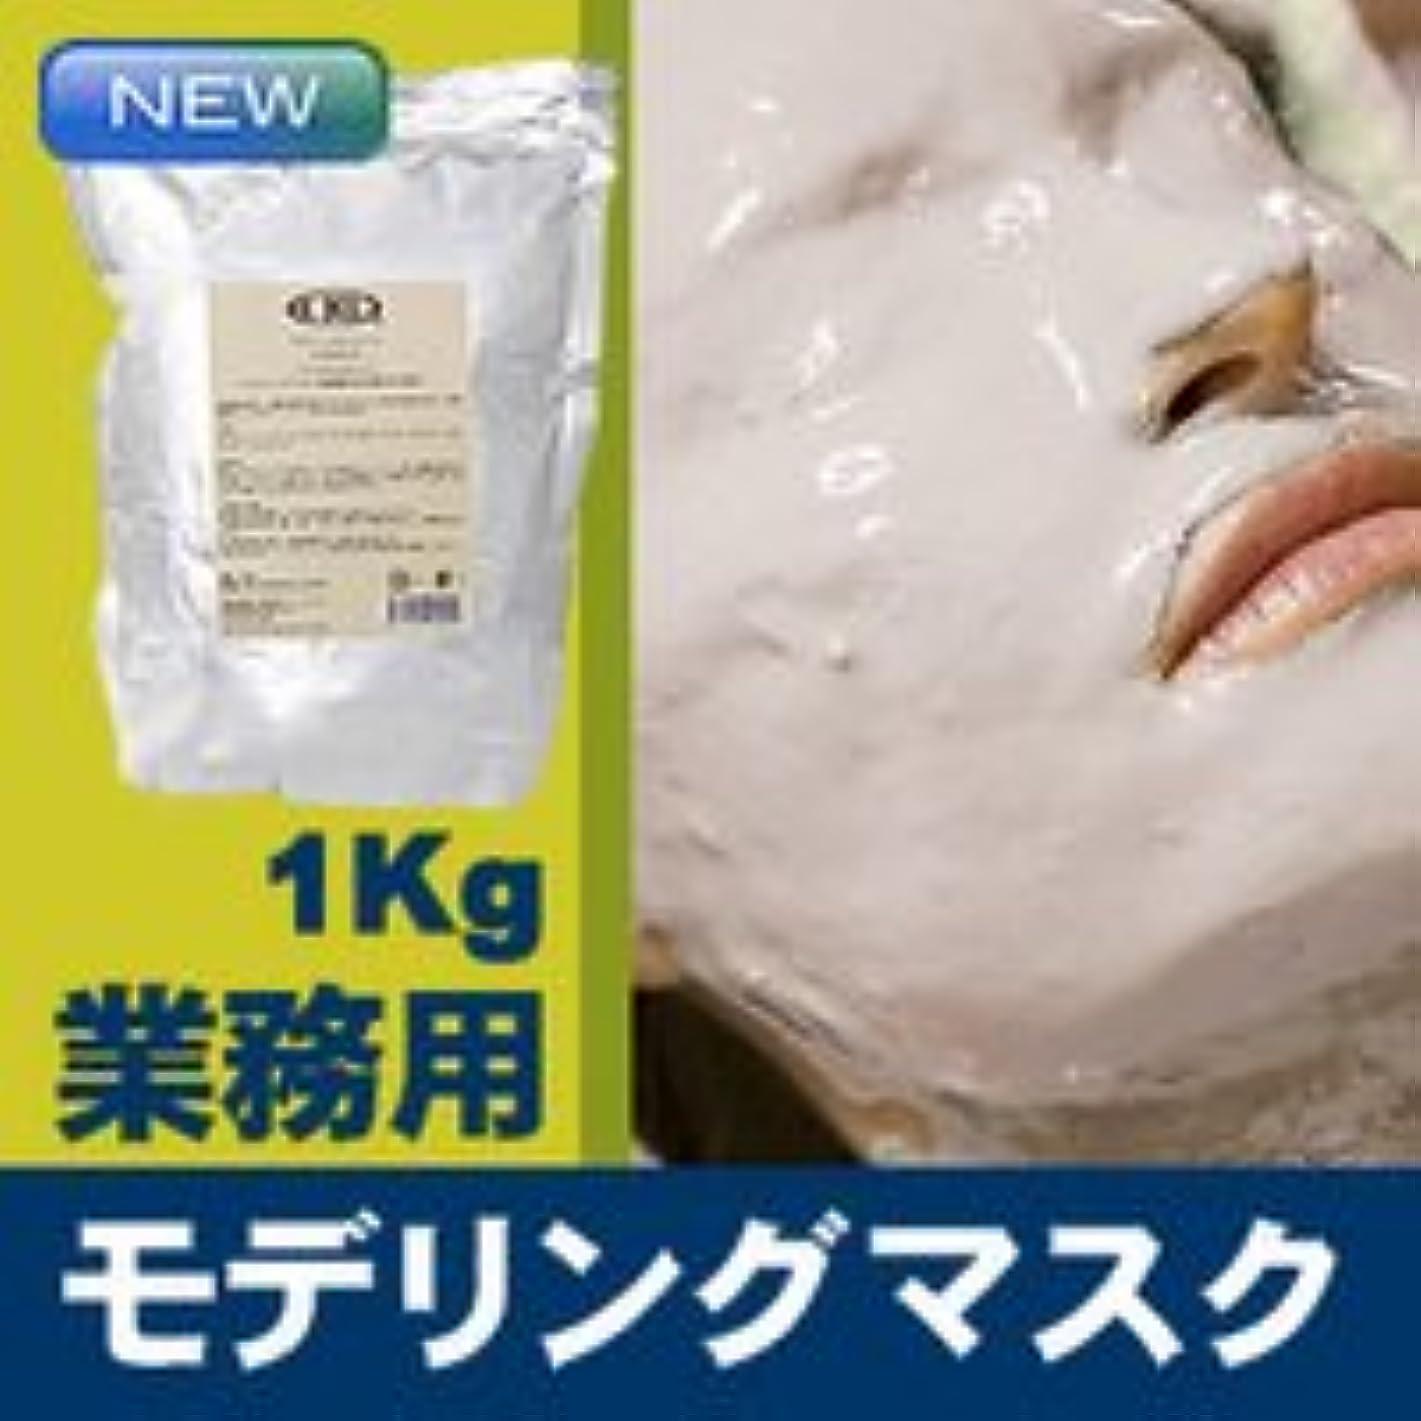 帳面放棄クマノミモデリングマスク 1Kg ビタミンC配合(ゴールデンオレンジ) / フェイスマスク?パック 【ピールオフマスク】